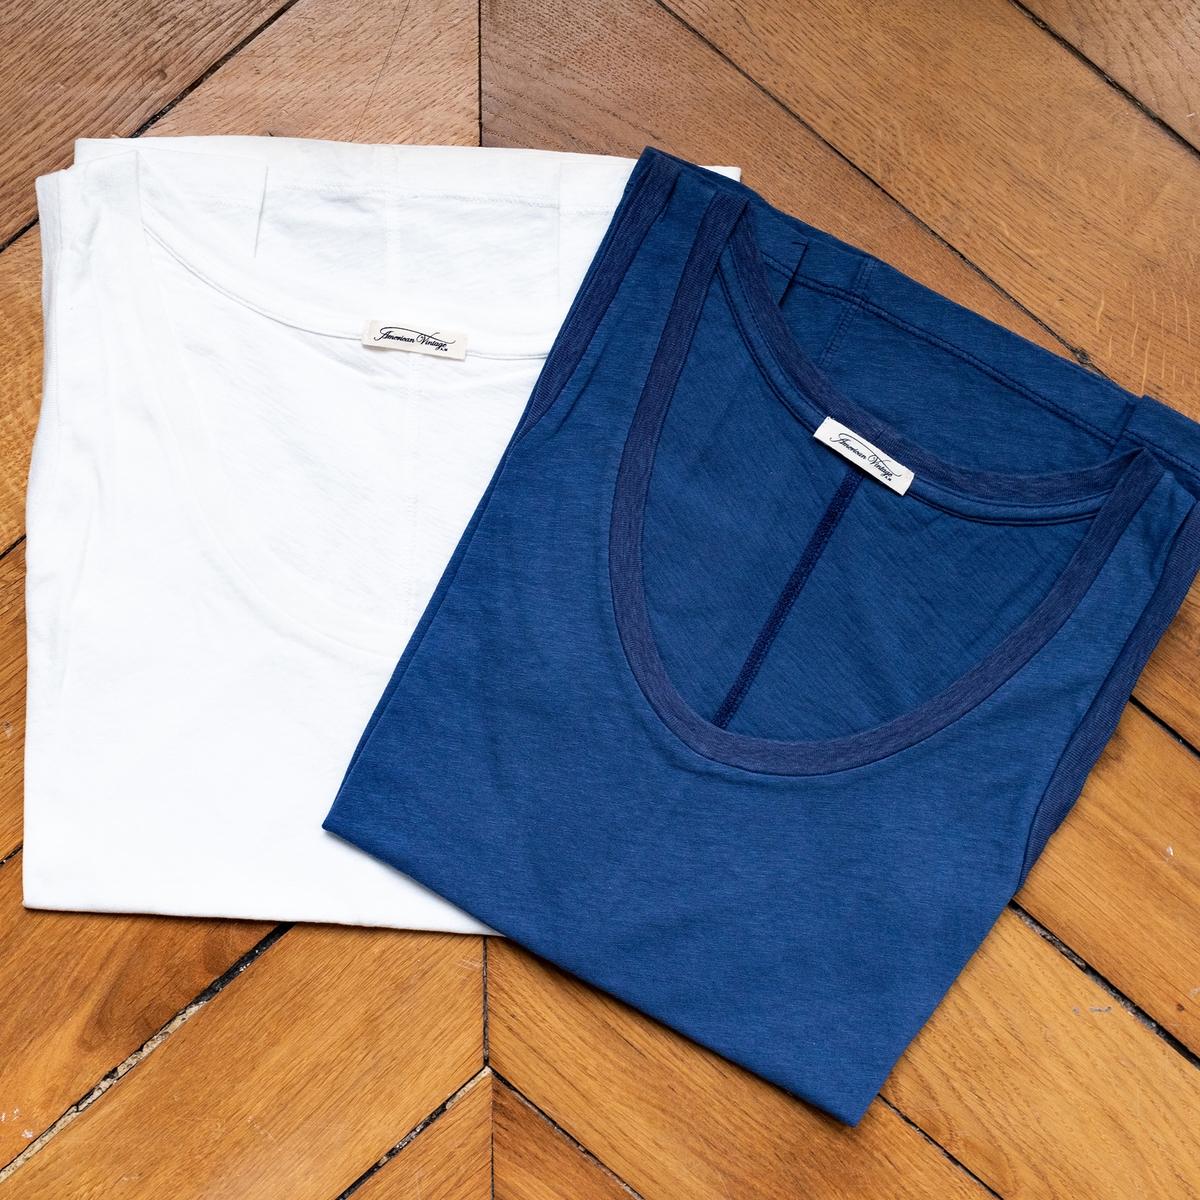 Imagen principal de producto de Camiseta de manga corta, cuello redondo - American Vintage